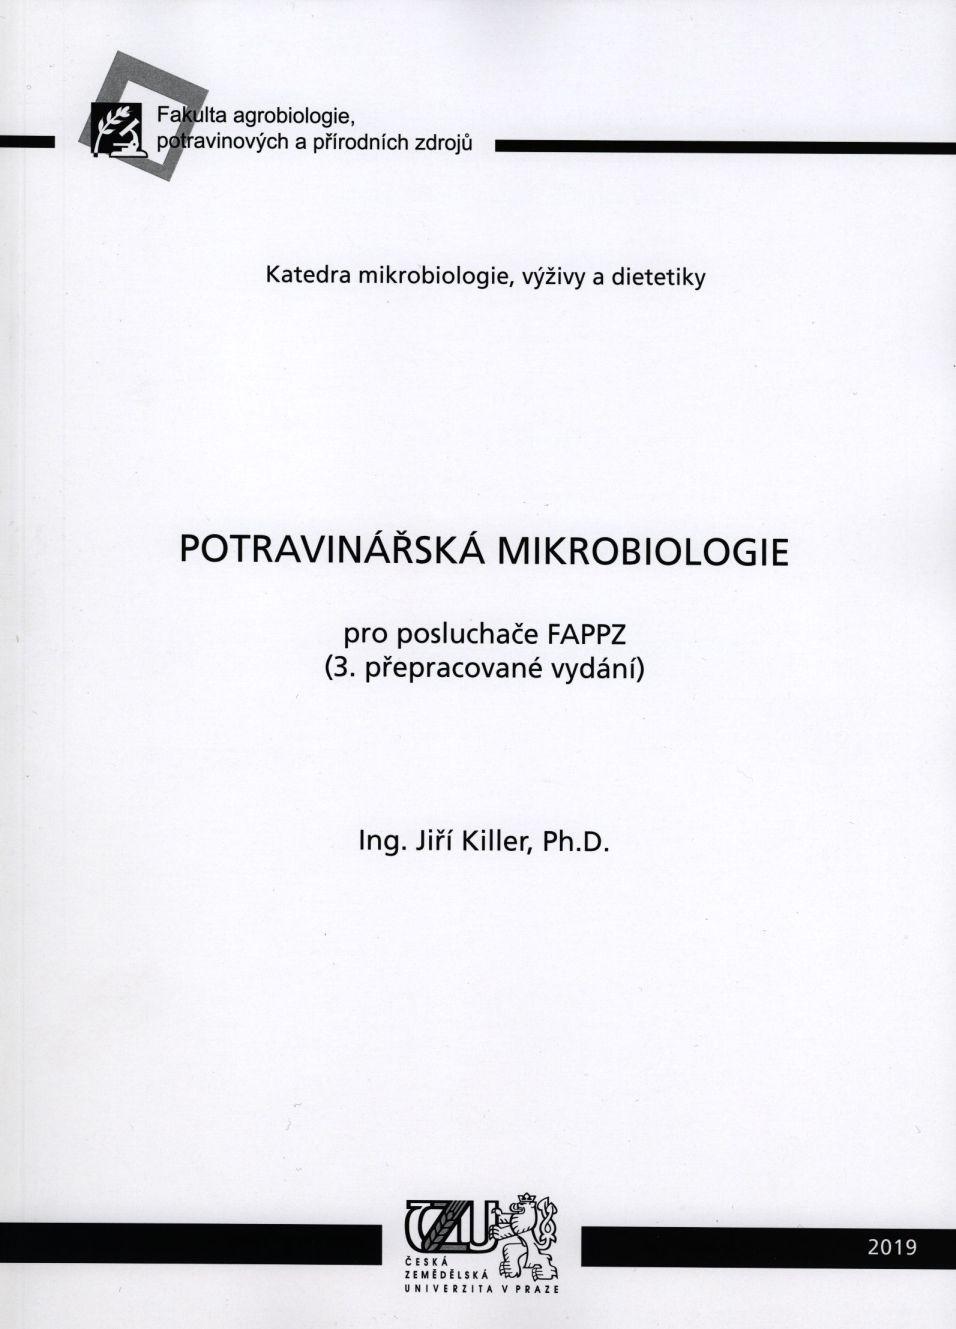 Potravinářská mikrobiologie - 3. přepracované vydání